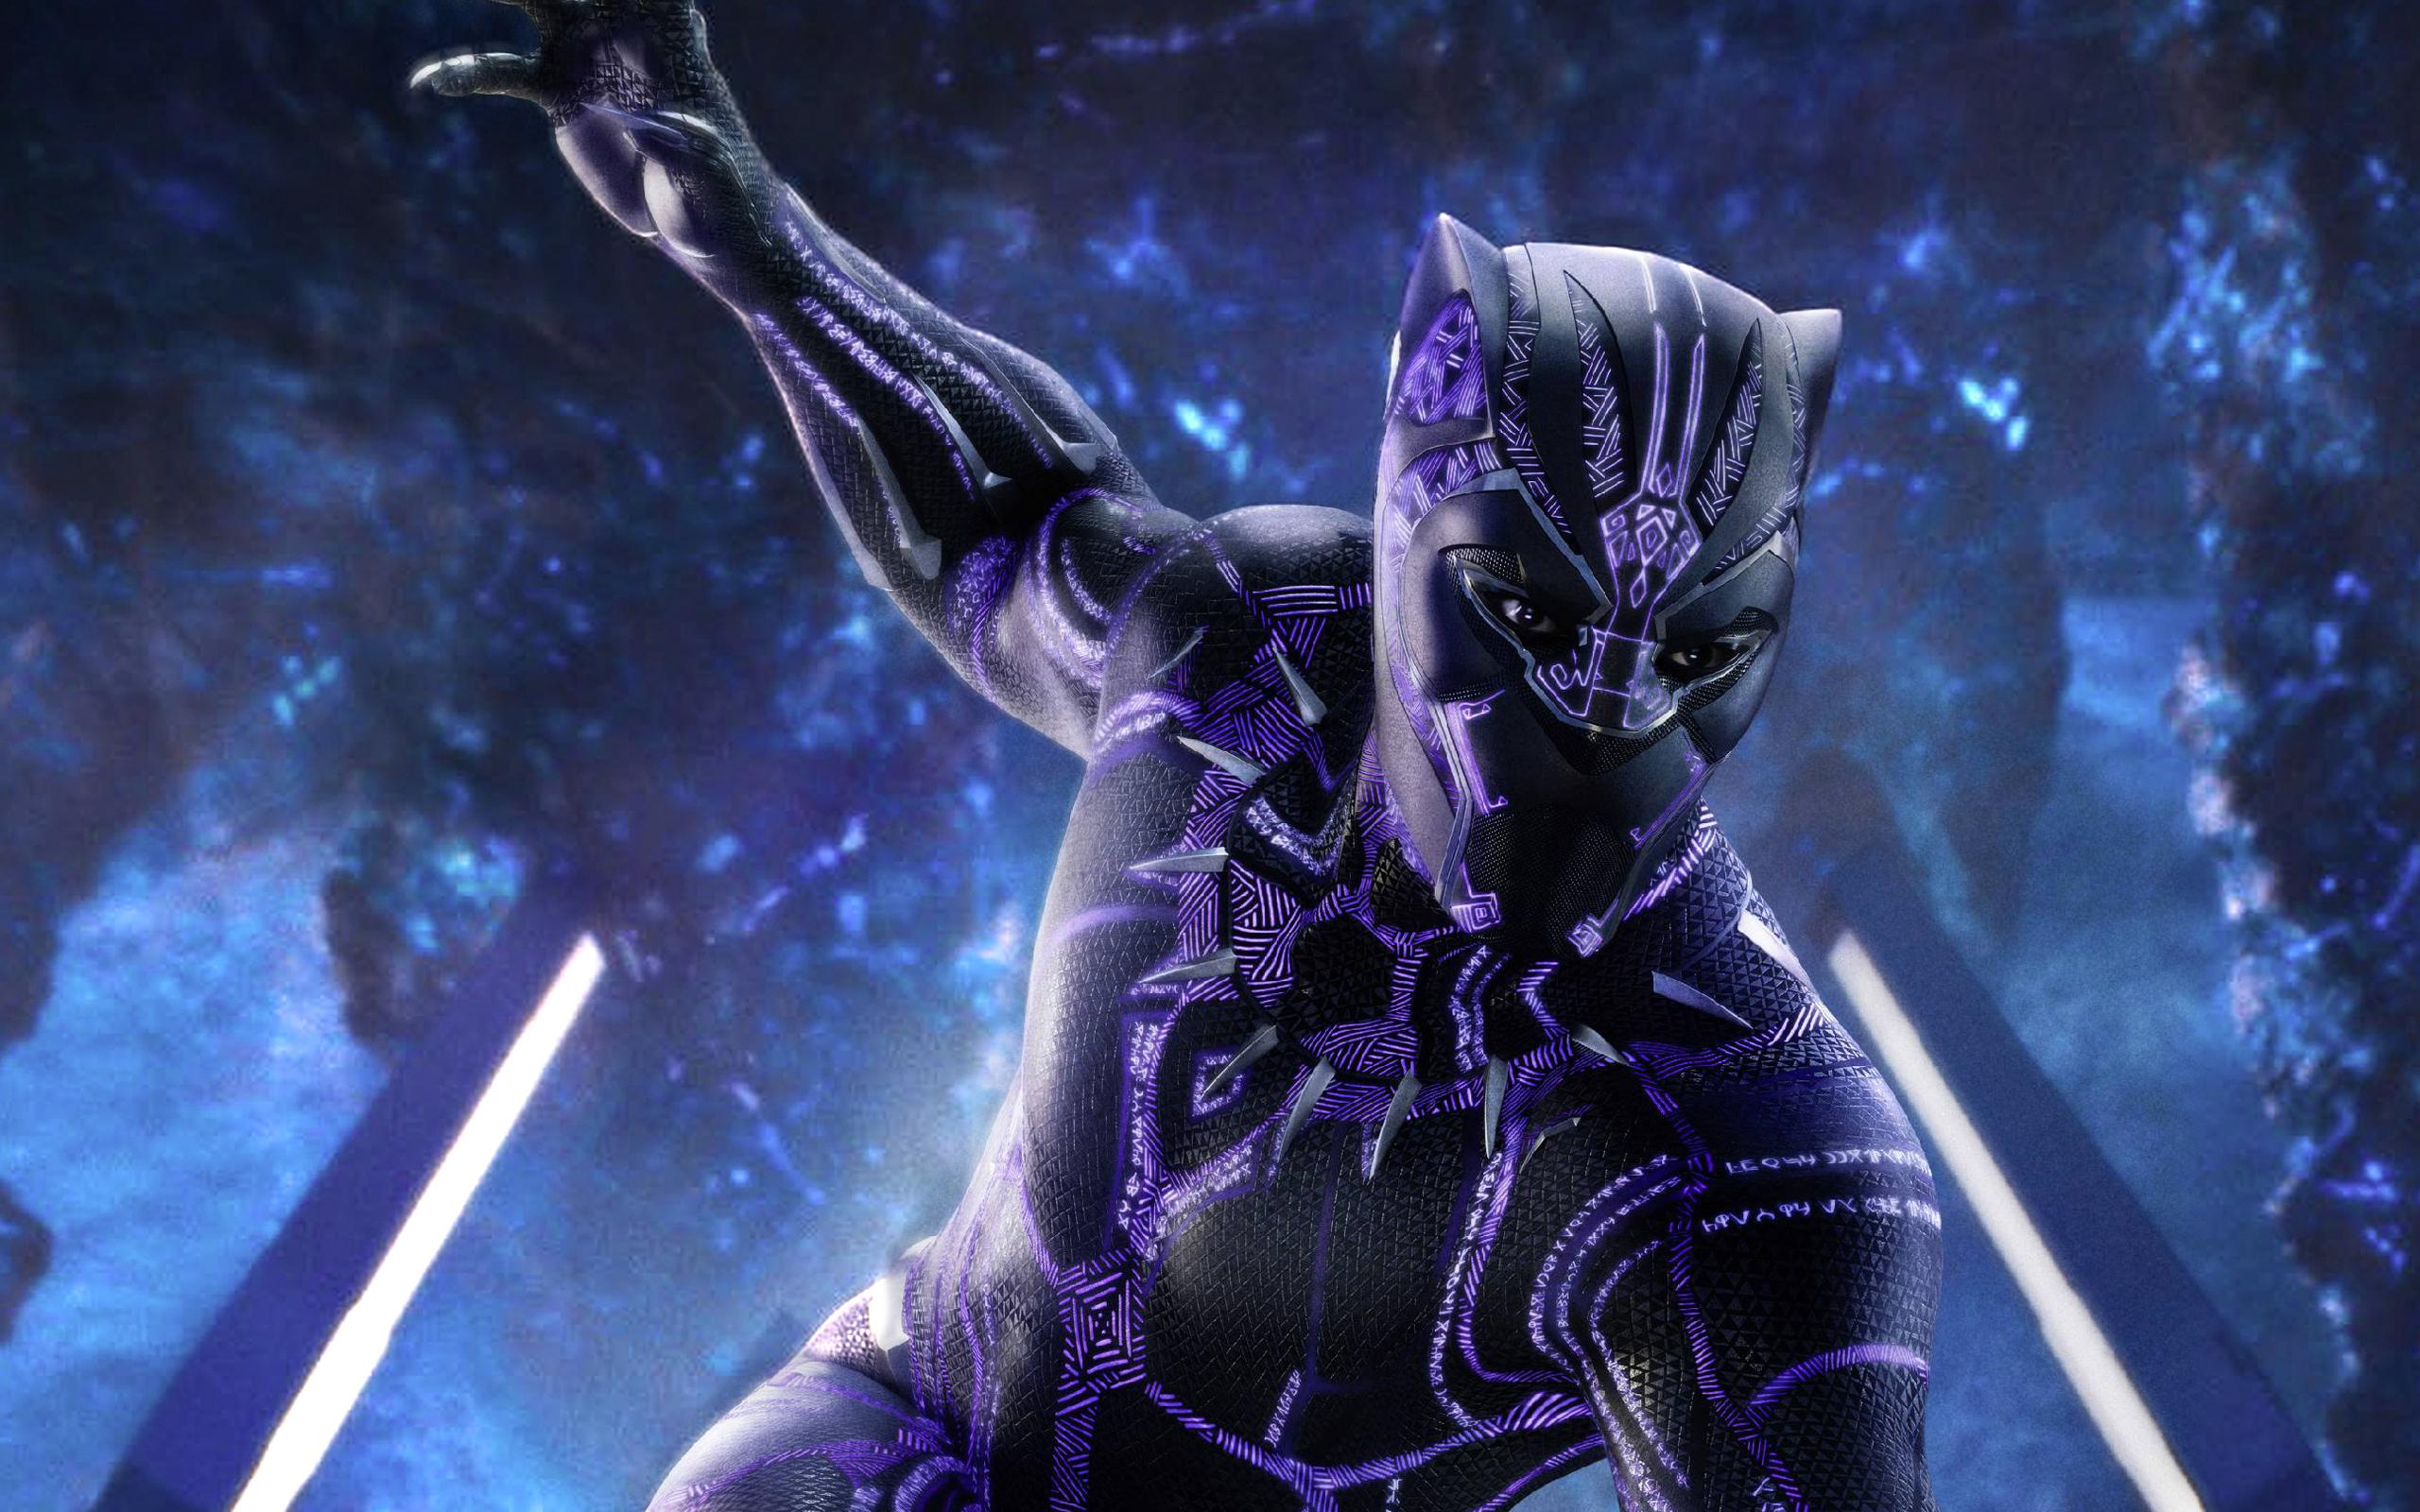 Обложка журнала Black panther empire обои скачать